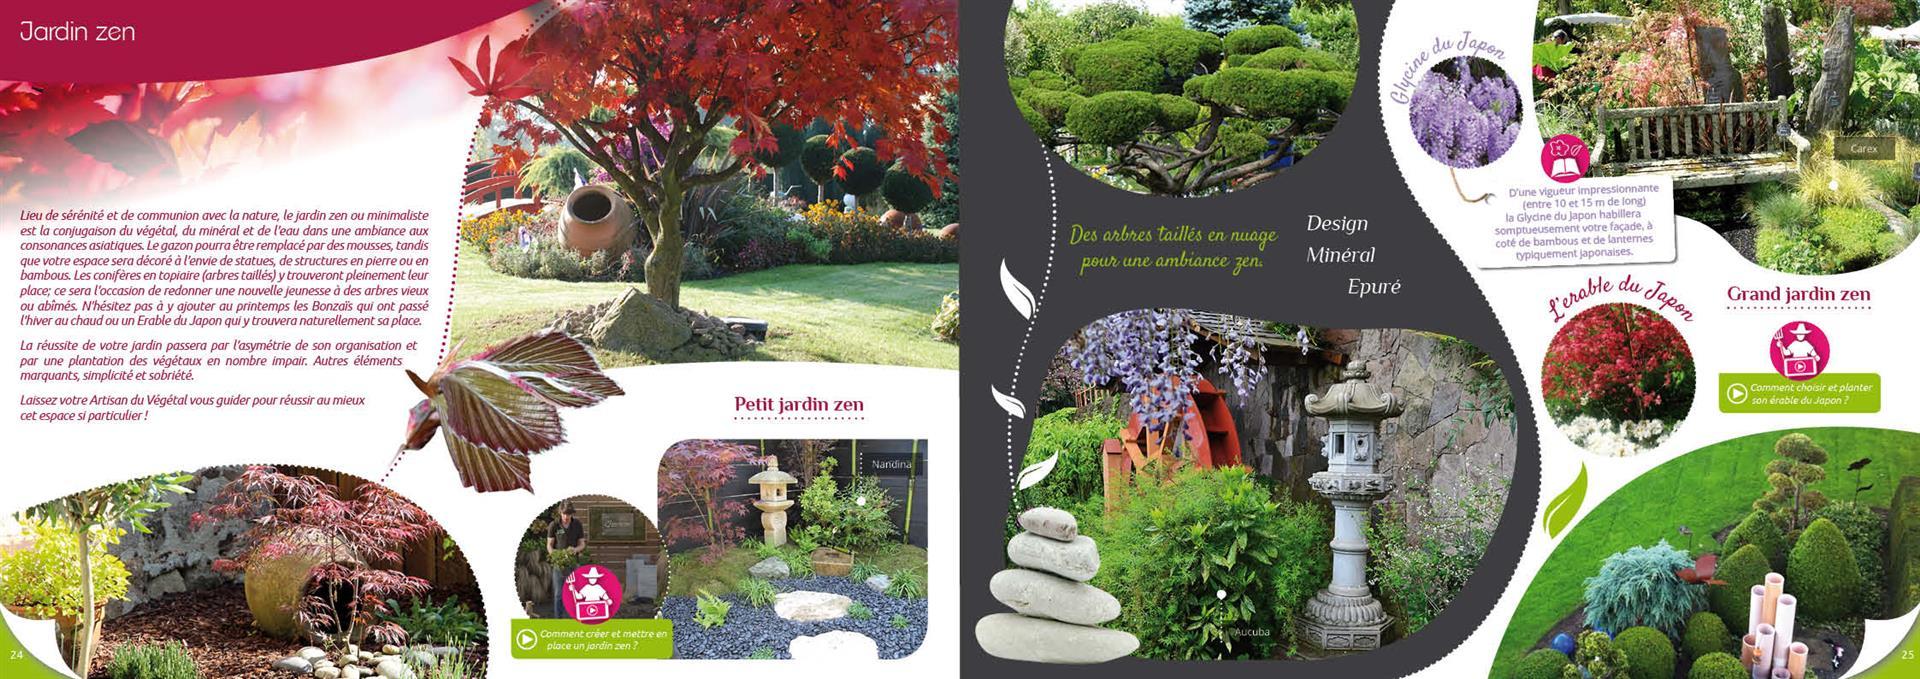 Le grand jardin angers free concours fleurissons angers - Restaurant le grand jardin baume les messieurs ...